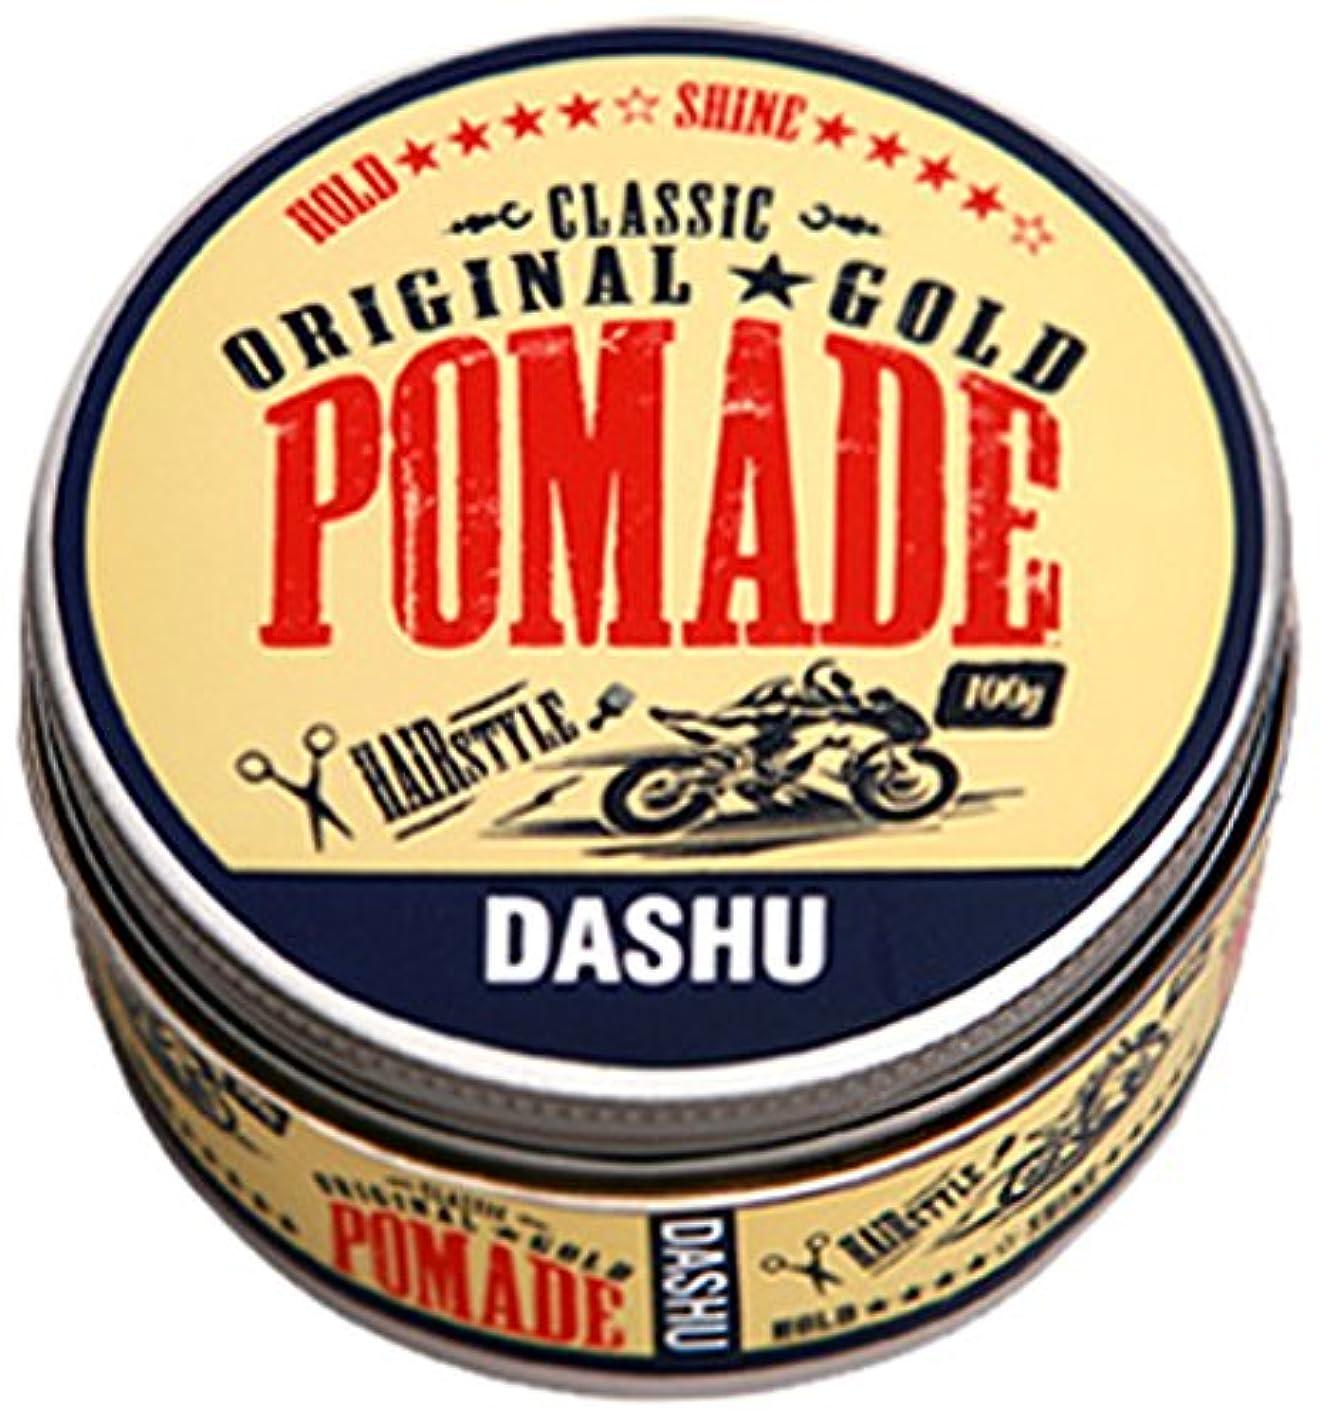 援助嵐の著作権[DASHU] ダシュ クラシックオリジナルゴールドポマードヘアワックス Classic Original Gold Pomade Hair Wax 100ml / 韓国製 . 韓国直送品